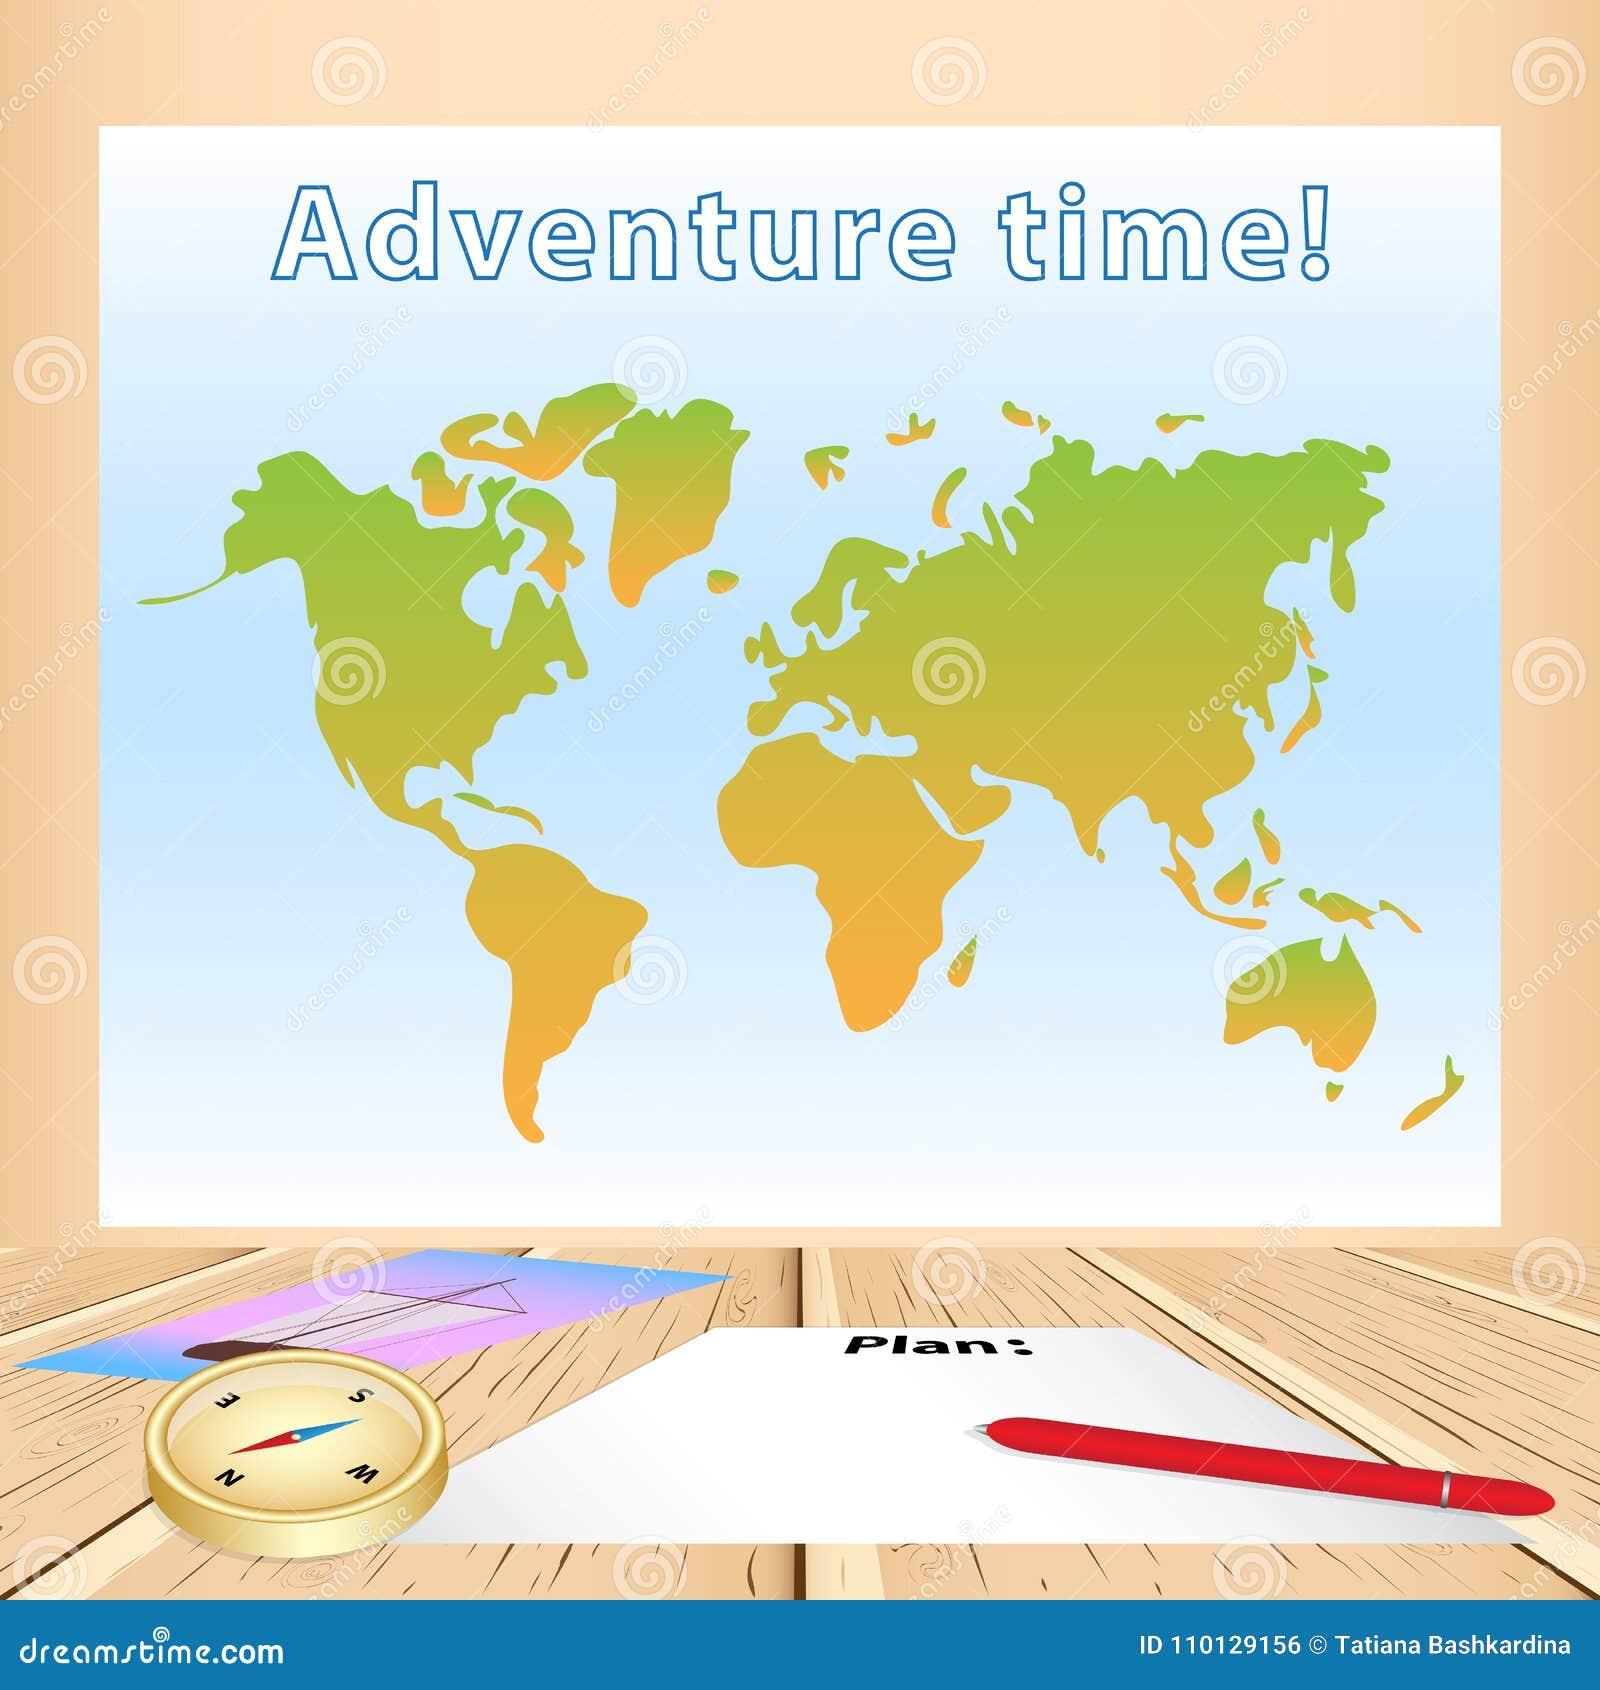 Tabla de madera con la hoja de papel en blanco para planear el viaje, pluma roja, p